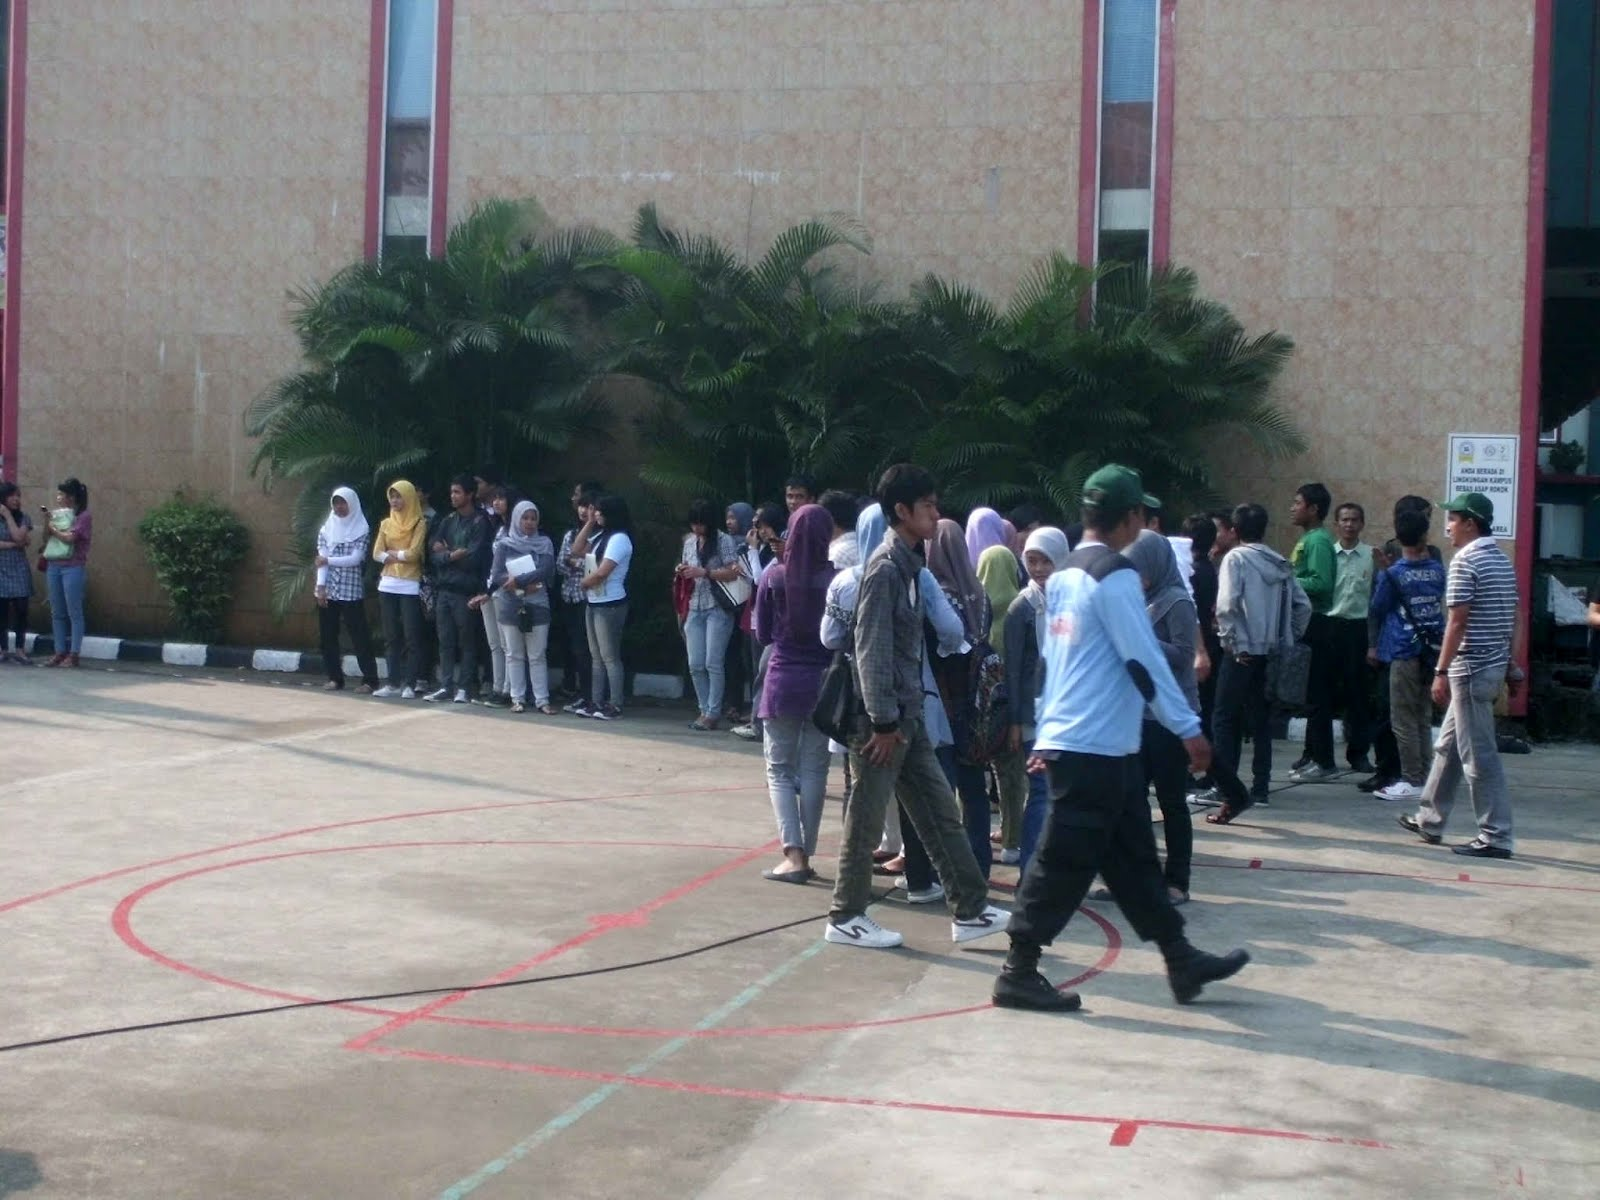 DAHSYAT @RCTI in Green Campus Raharja - MAVIB